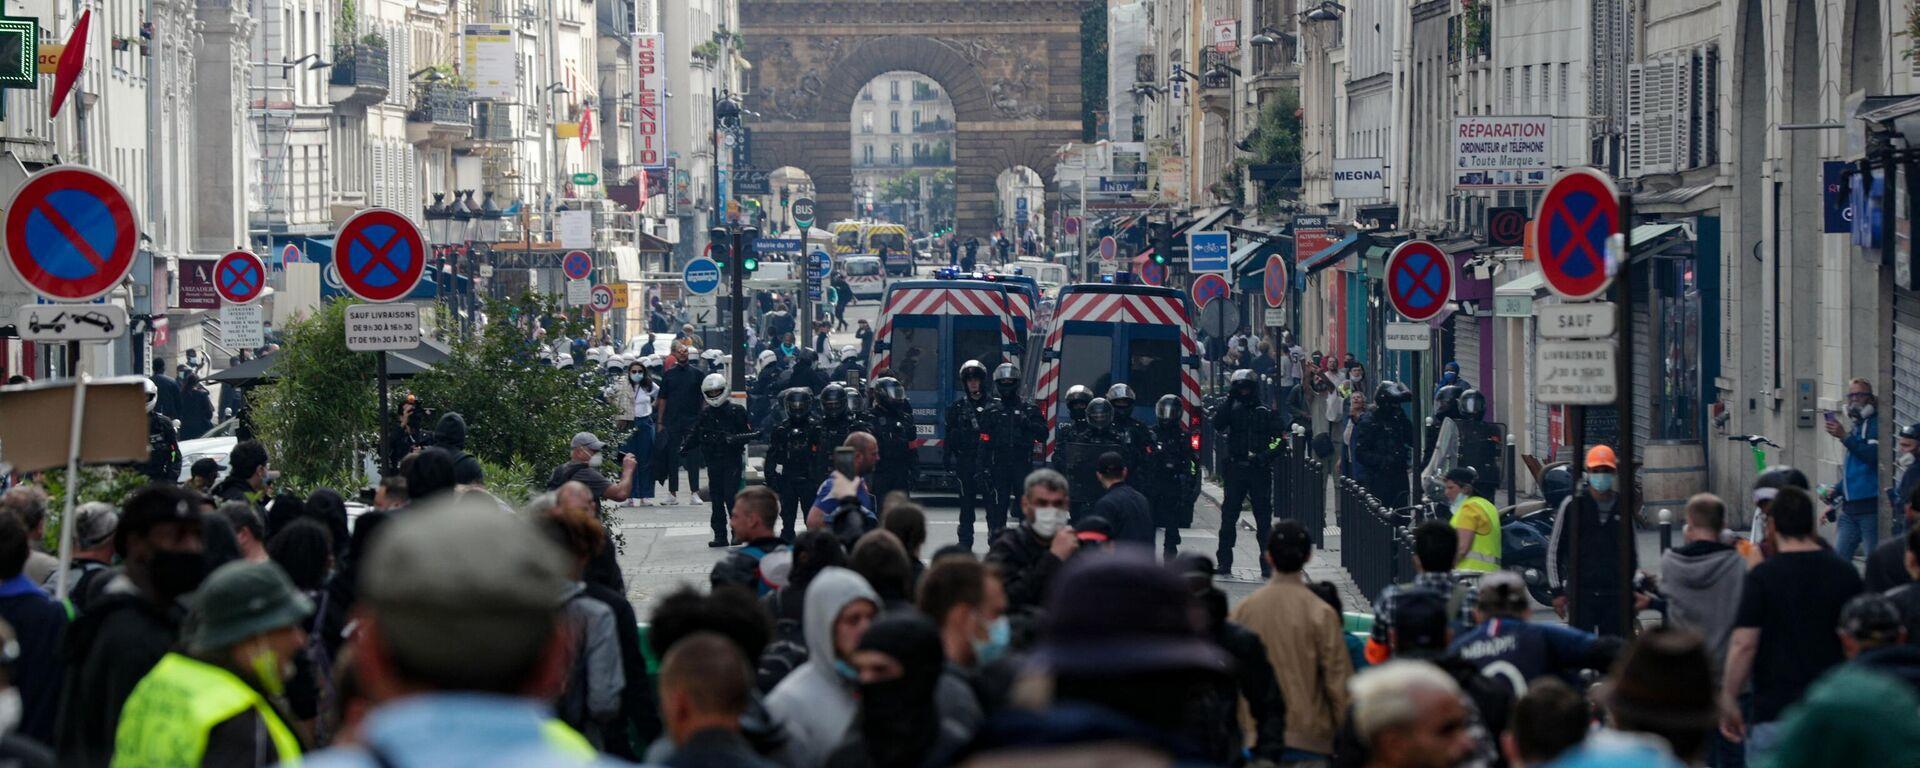 Протести у Париз због најаве да ће се за улазак у барове тражити потврда о вакцинацији. - Sputnik Србија, 1920, 05.08.2021